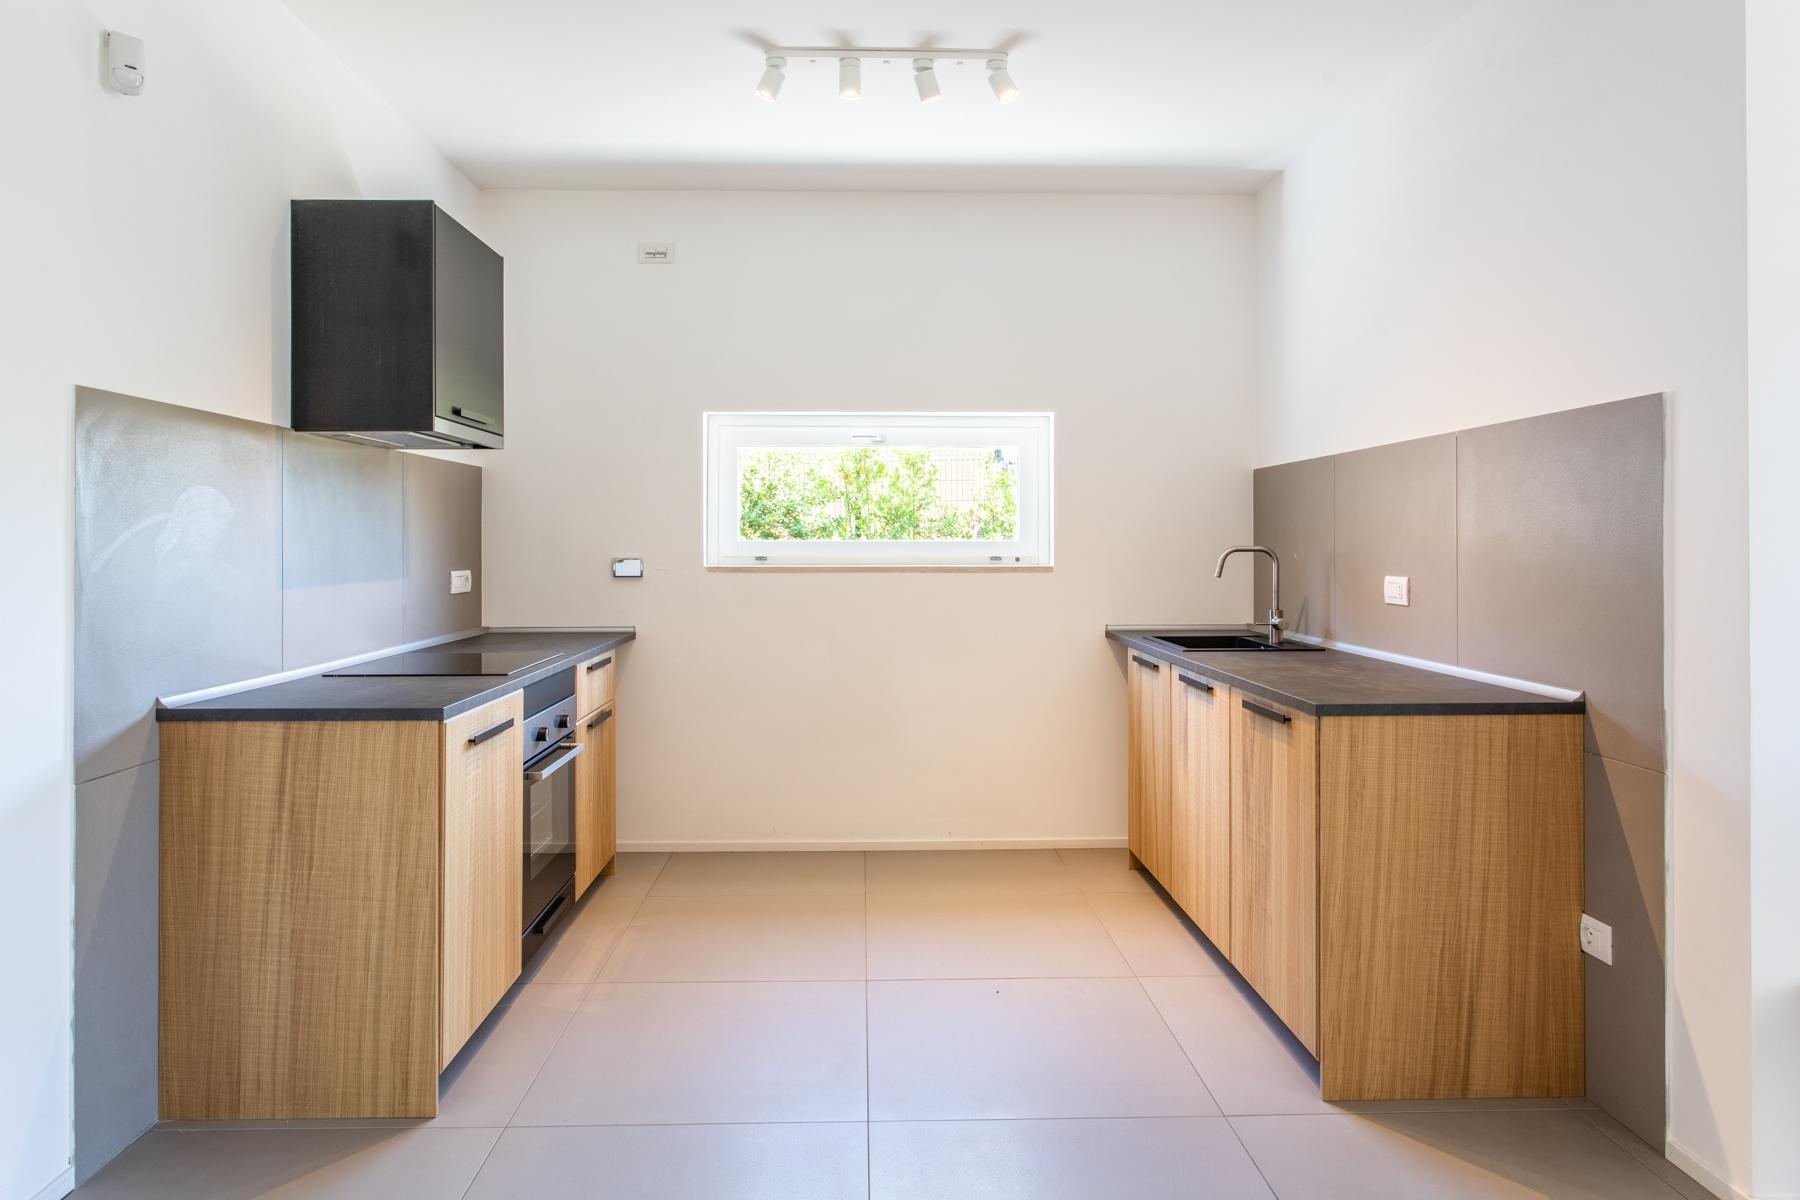 Appartamento in Vendita a Trevignano Romano: 4 locali, 100 mq - Foto 11